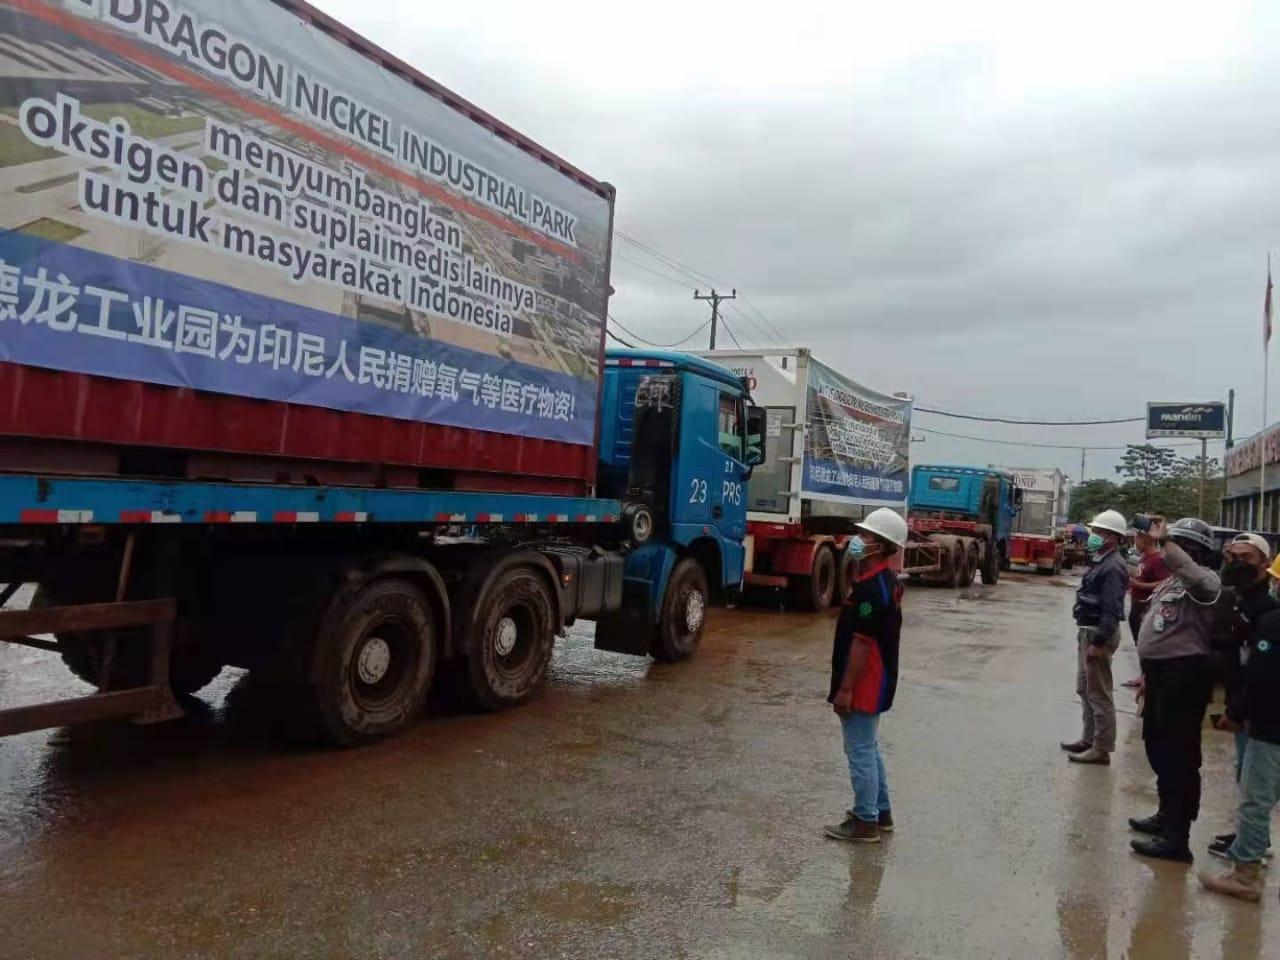 Detik-detik pemberangkatan truk kontainer yang mengangkut bantuan oksigen dan alat kesehatan PT. Virtue Dragon Nikel Industri Park (VDNIP) menuju Jakarta. (Is)